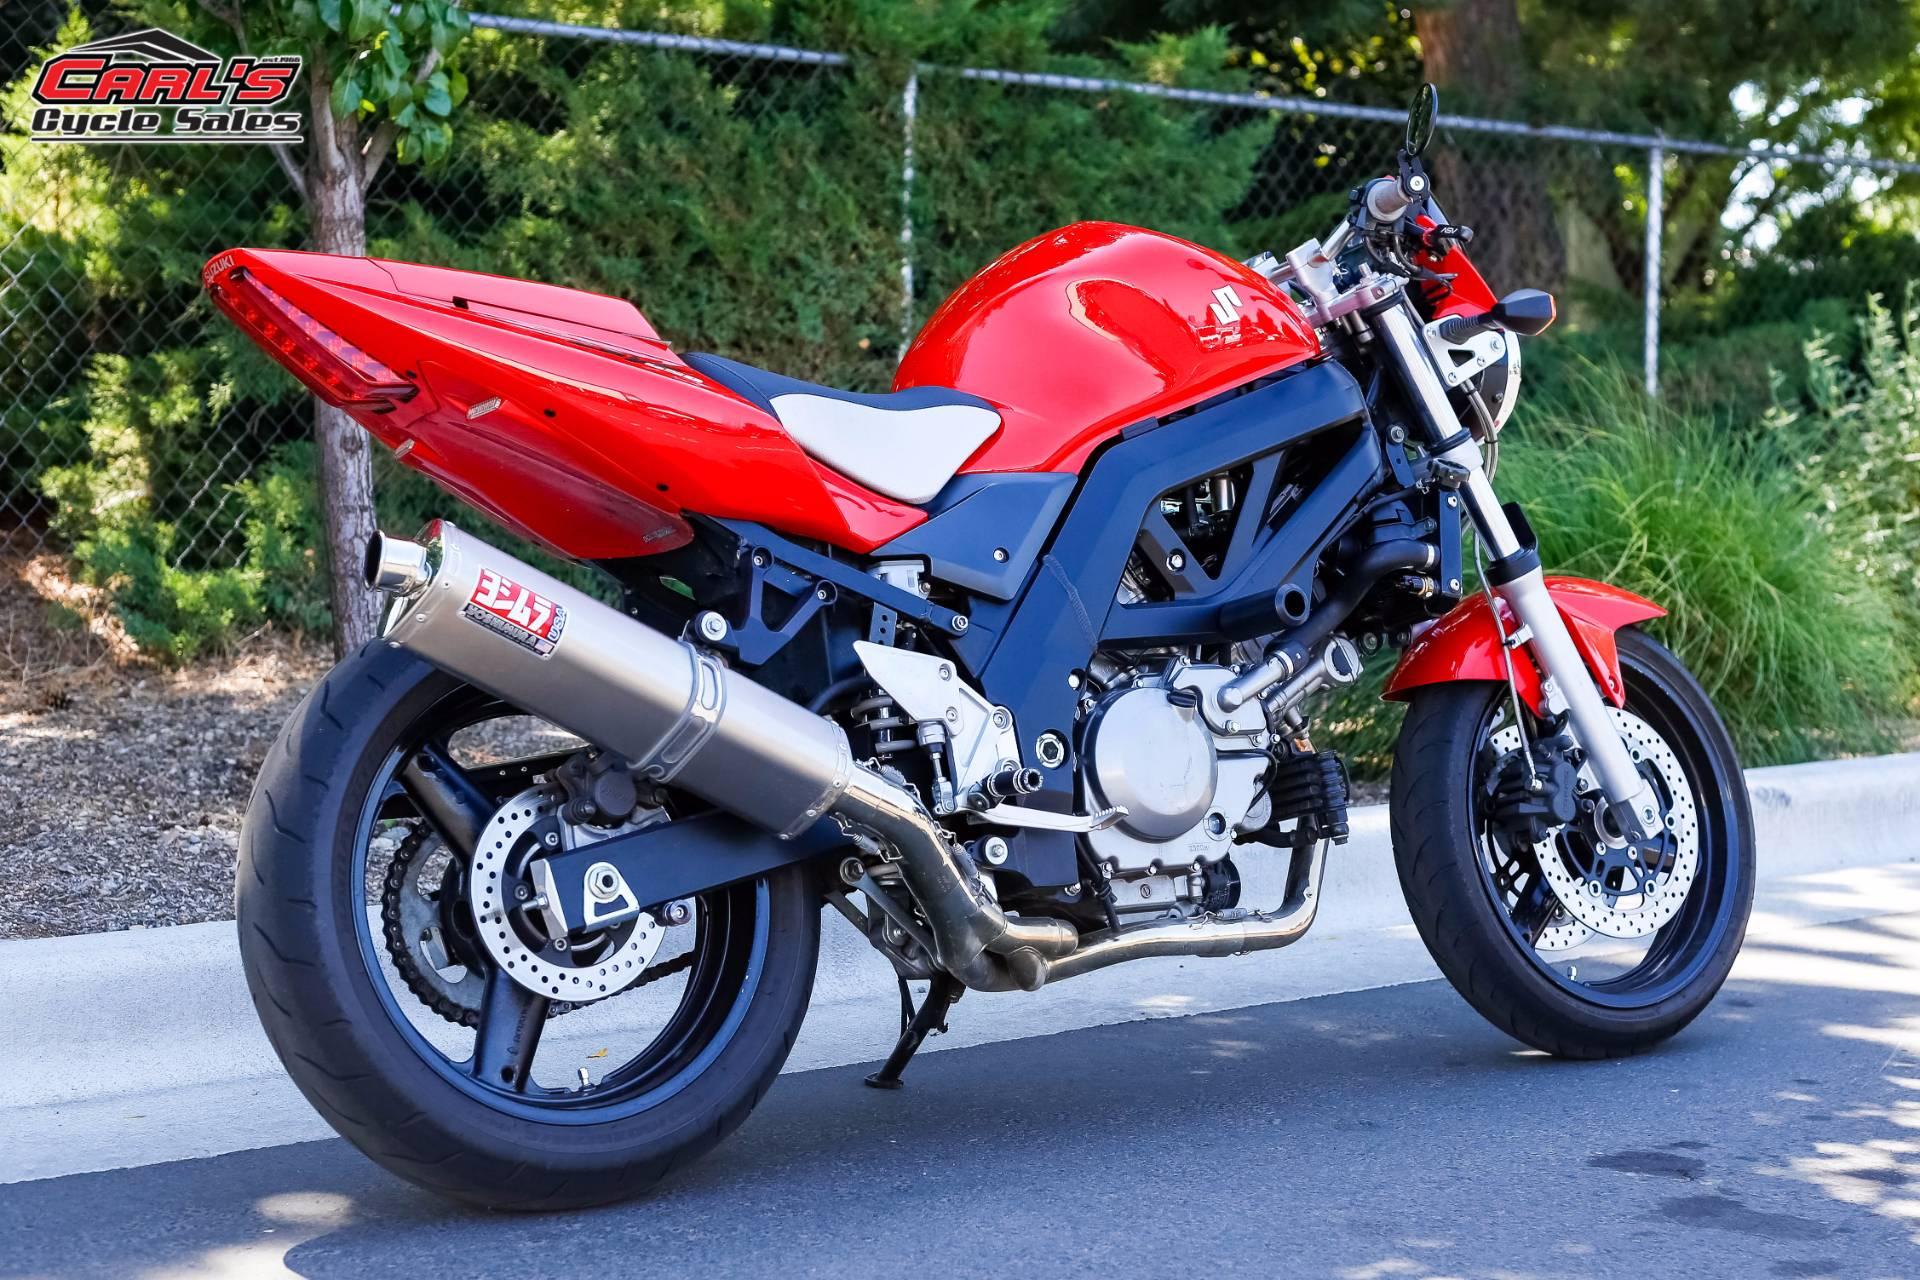 2006 Suzuki SV650 9